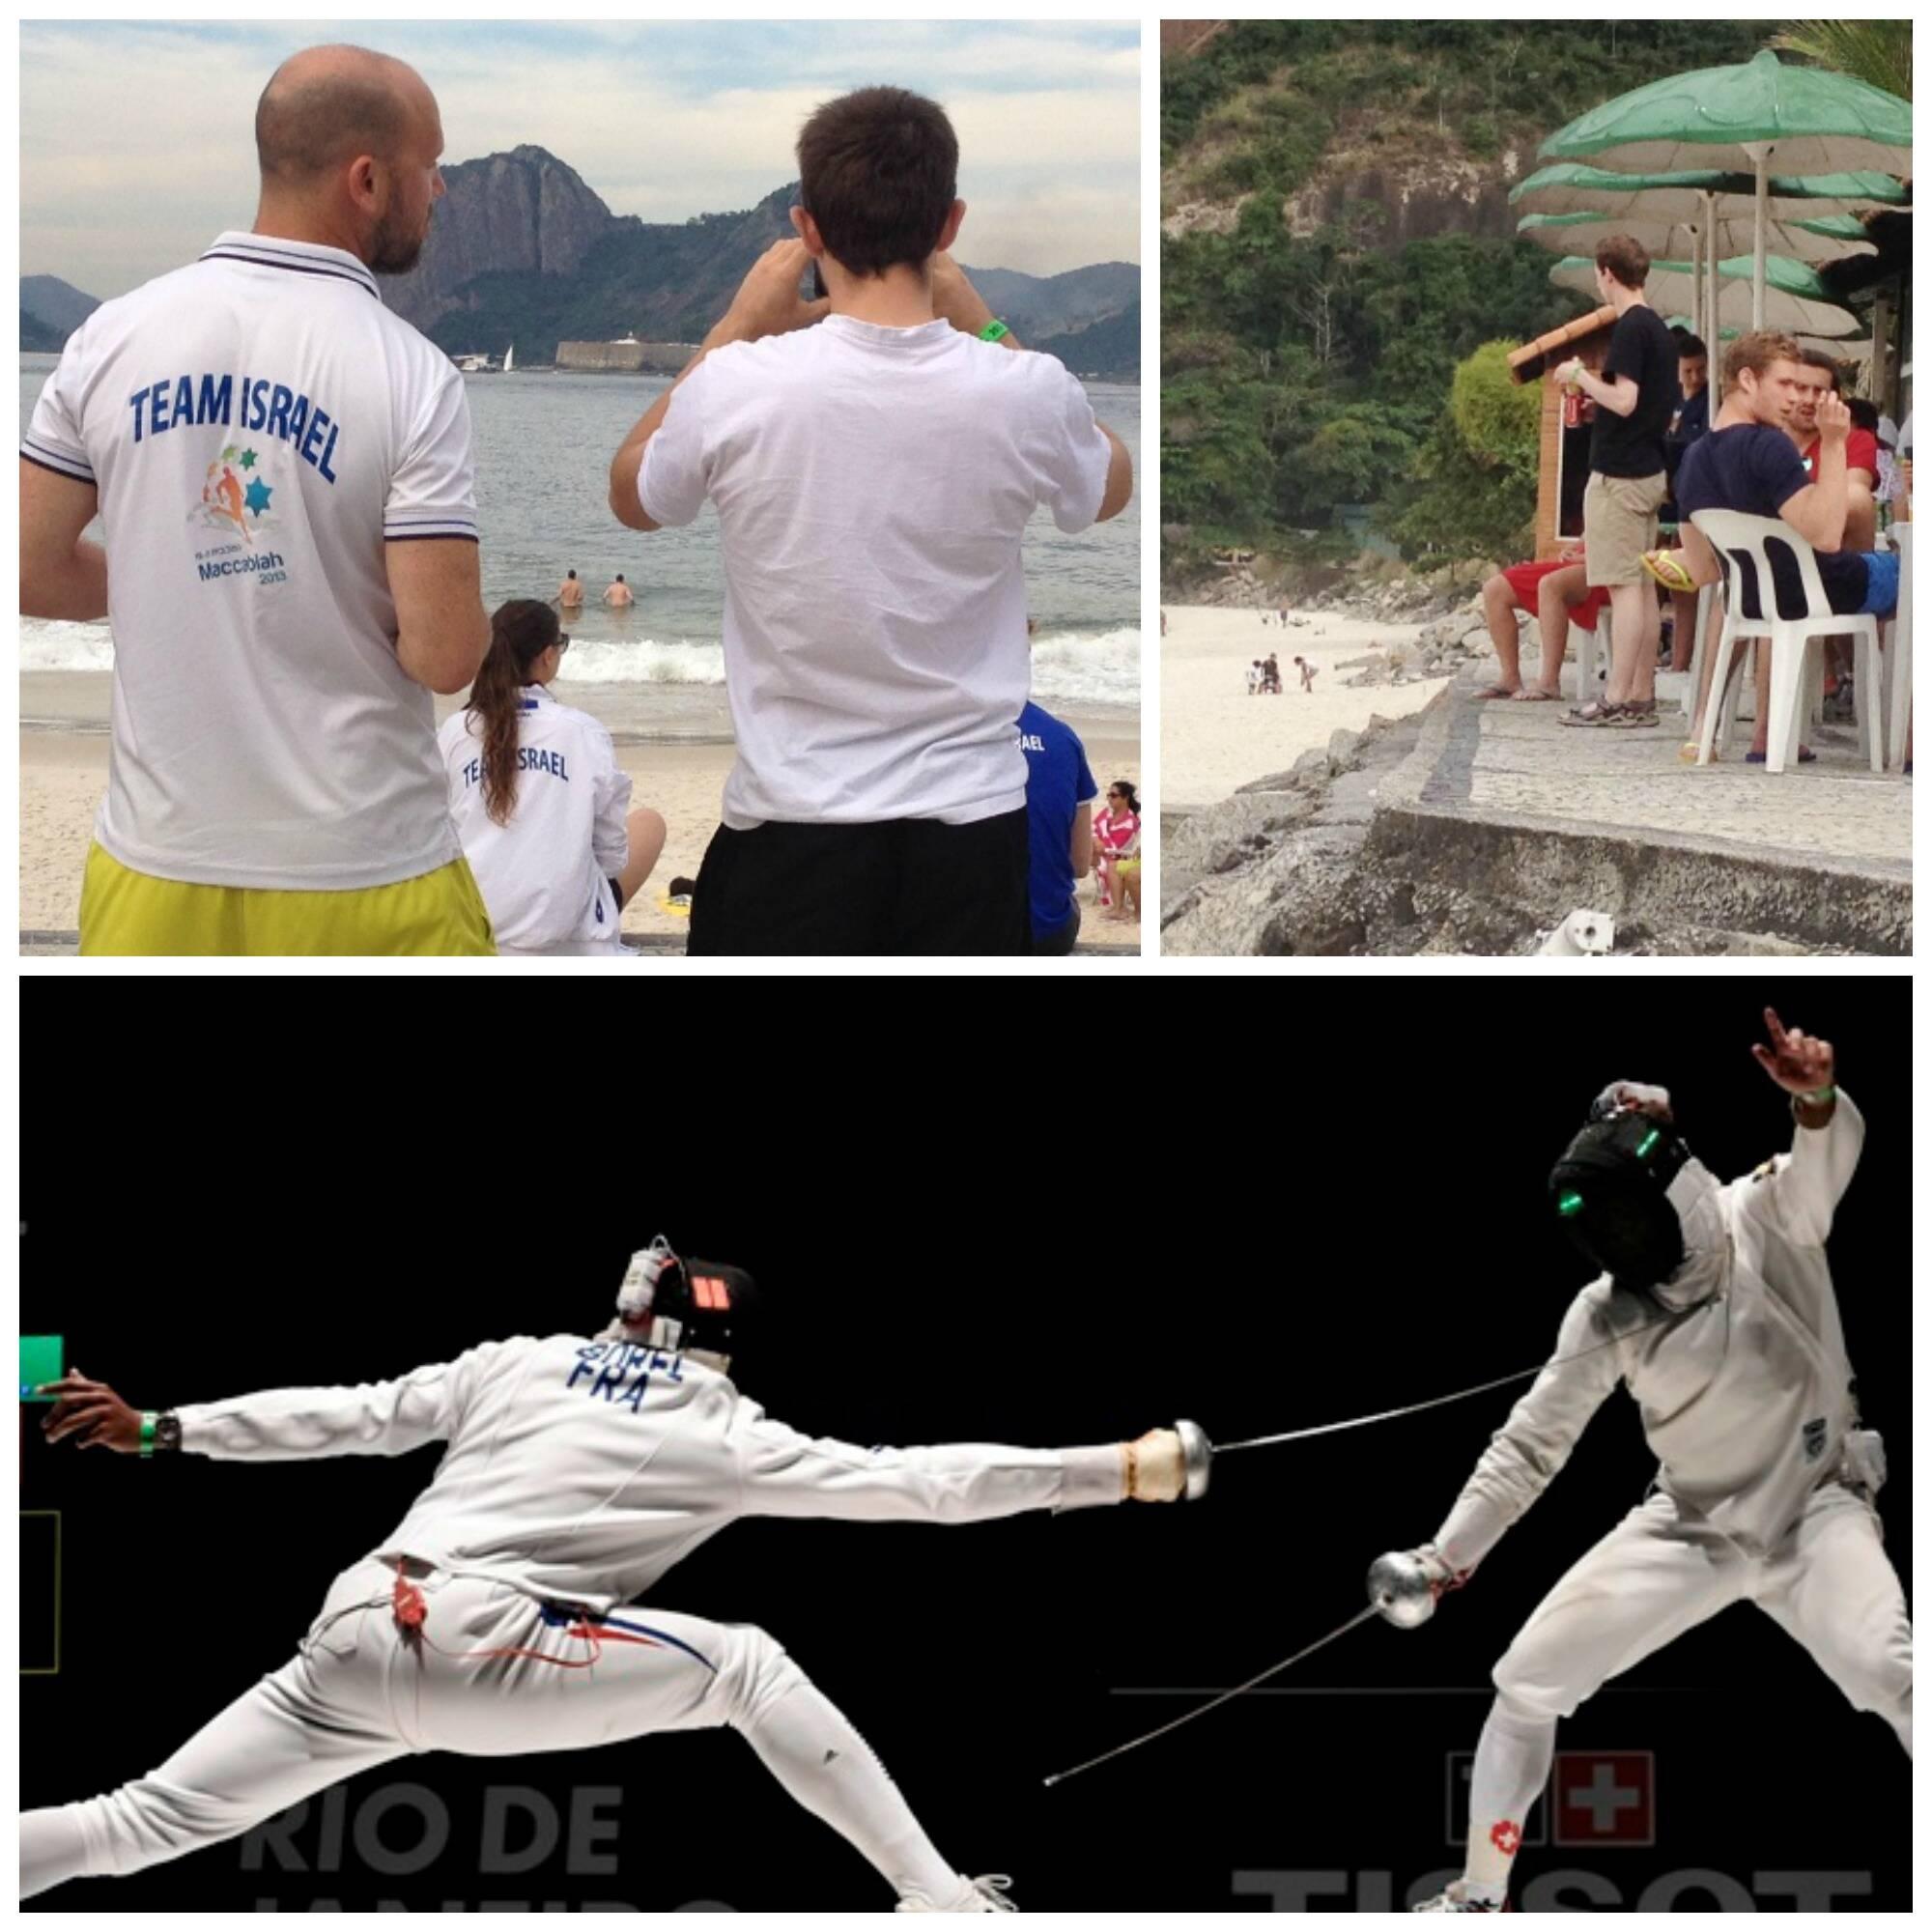 No alto, esgrimistas admiram a paisagem tirando fotos ou nas barracas da praia; acima, dois atletas em ação/ Fotos: divulgação